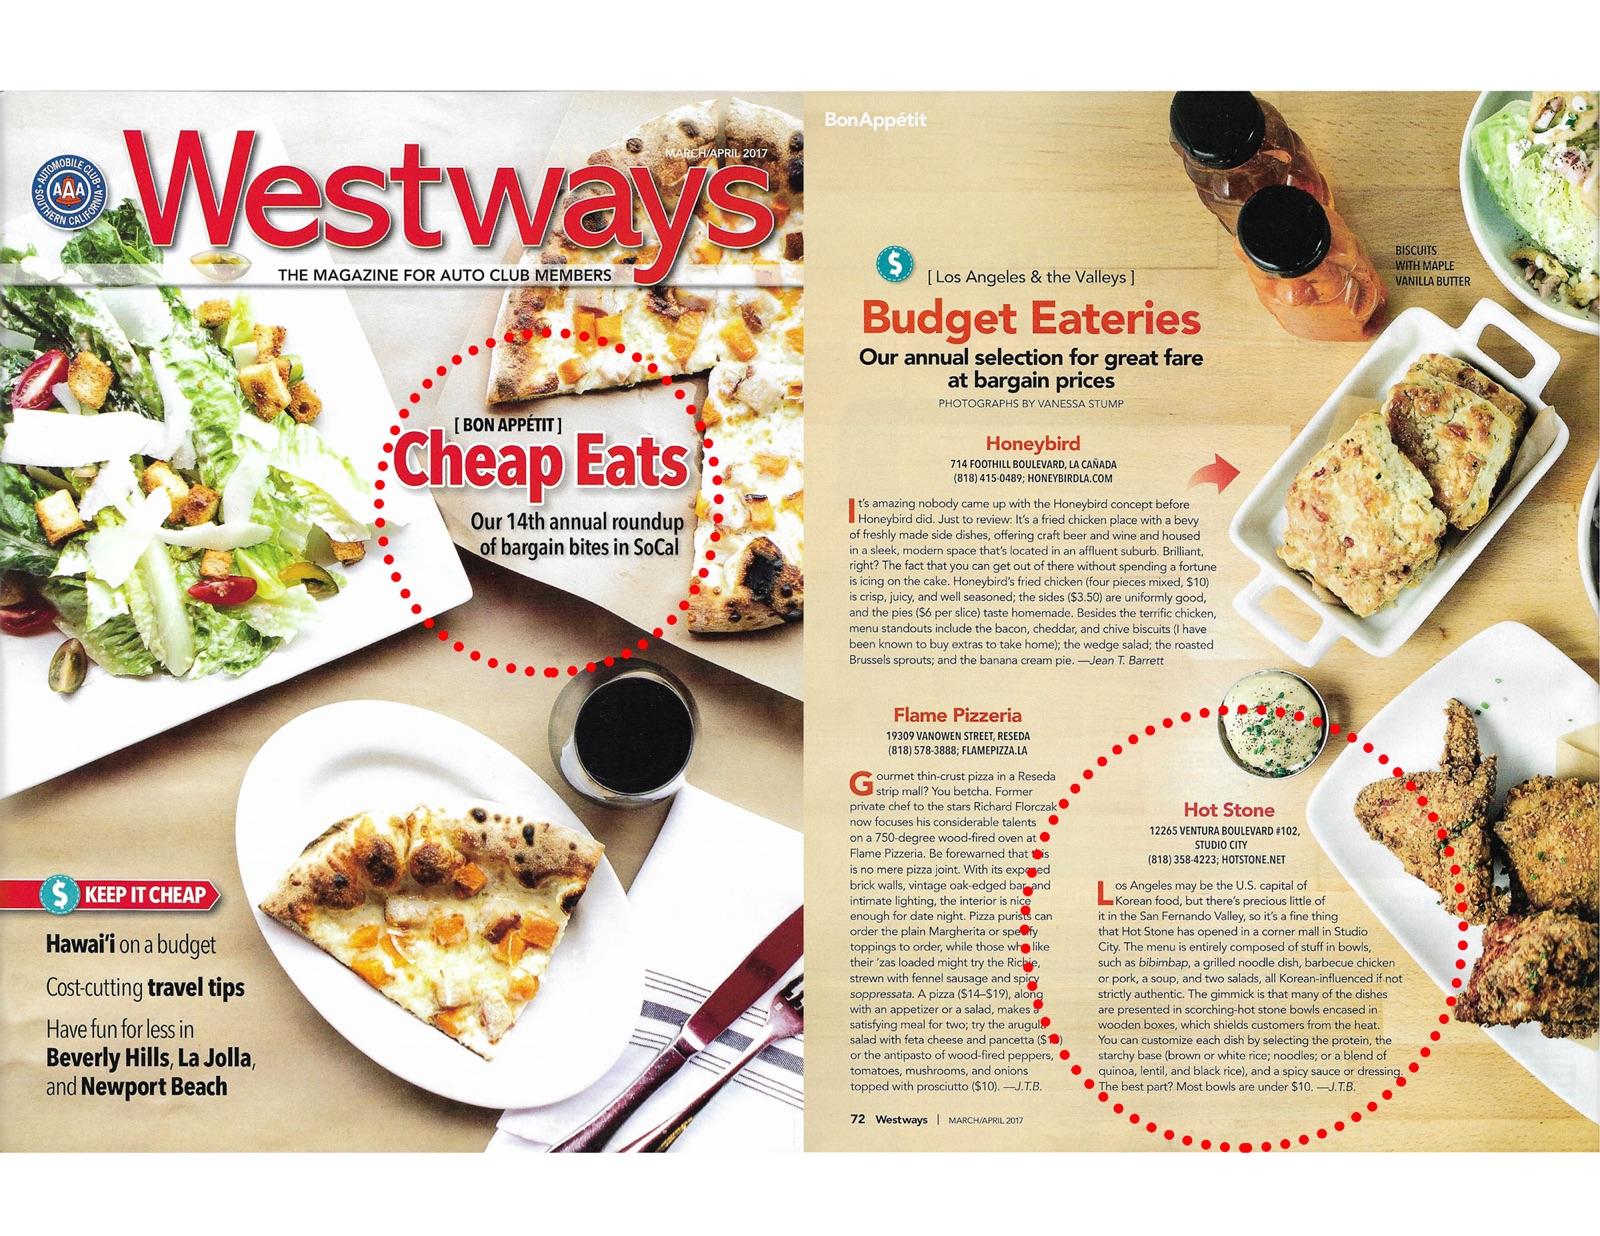 westways-magazine.jpg